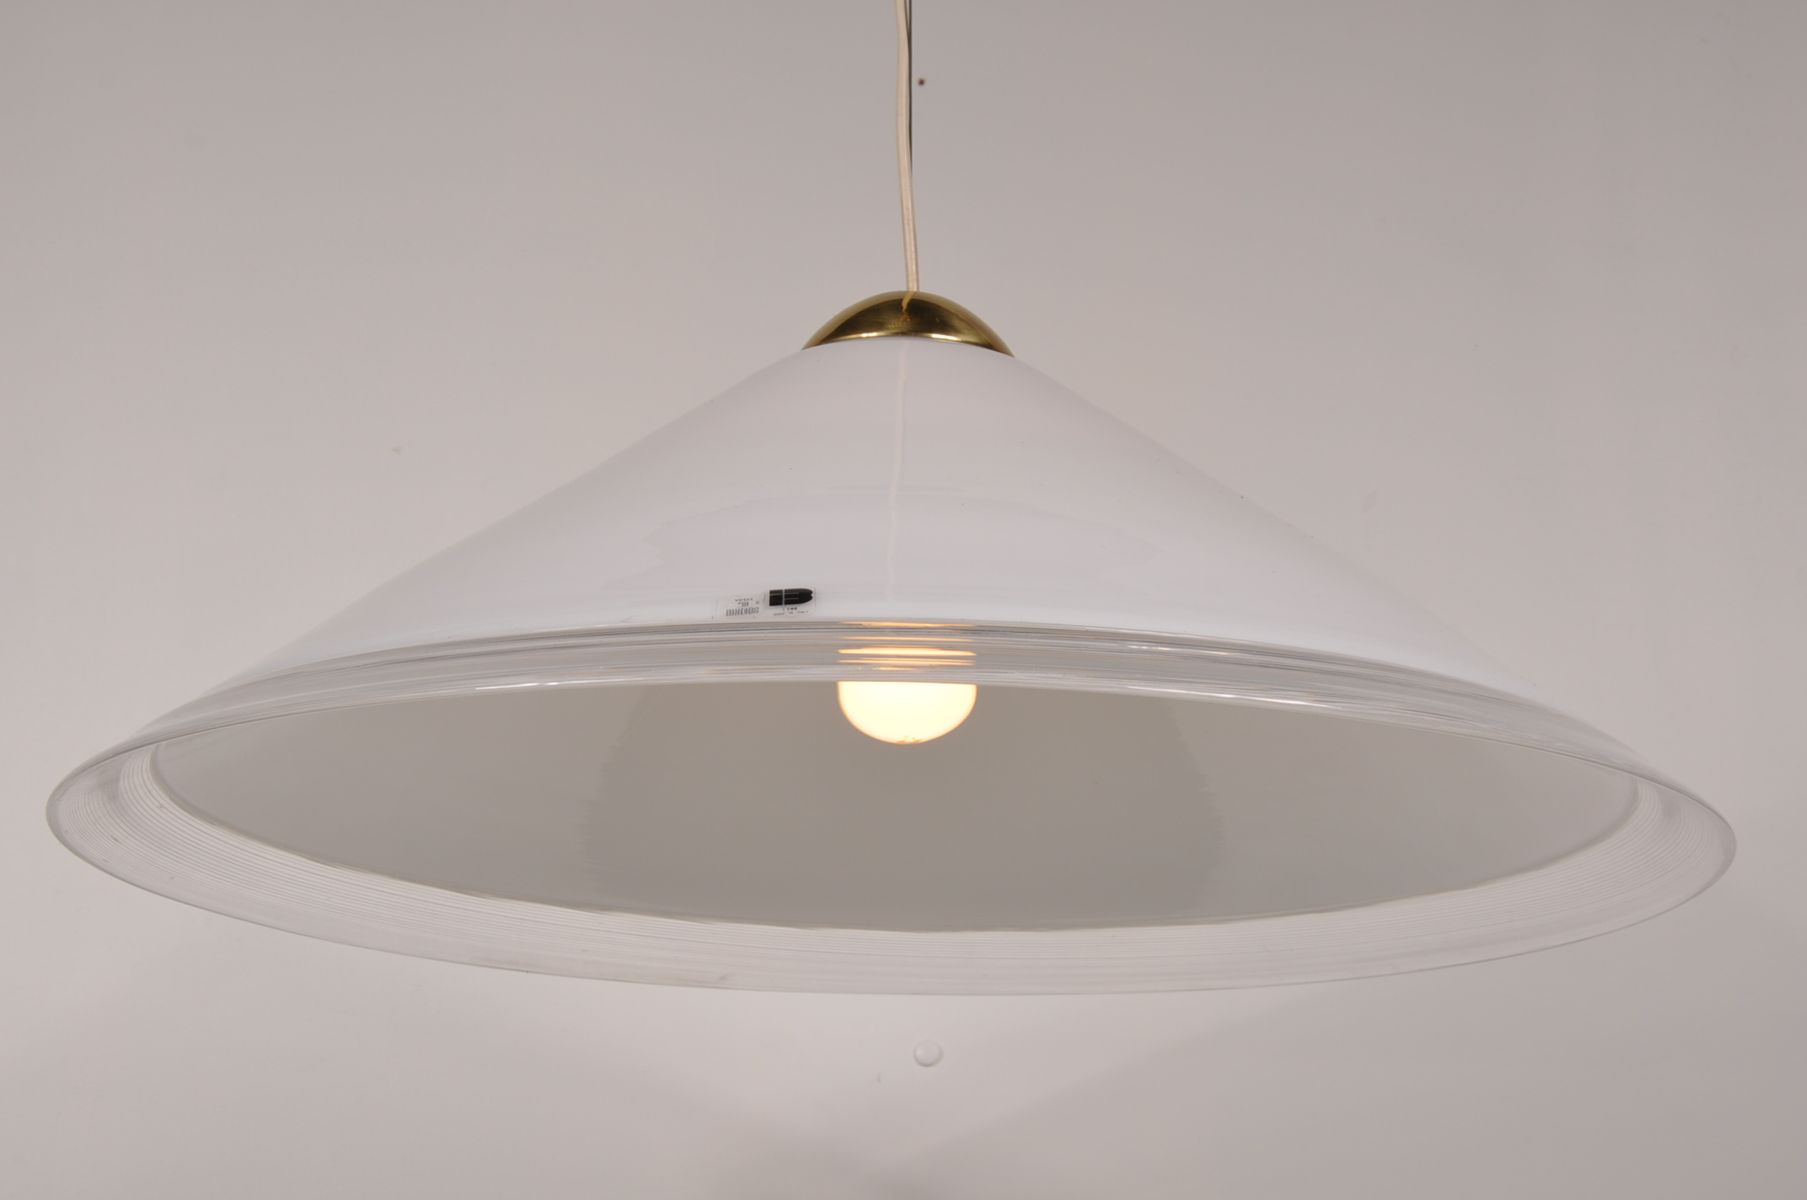 Grosse weisse glas deckenlampe mit messing elementen von for Wei es glas